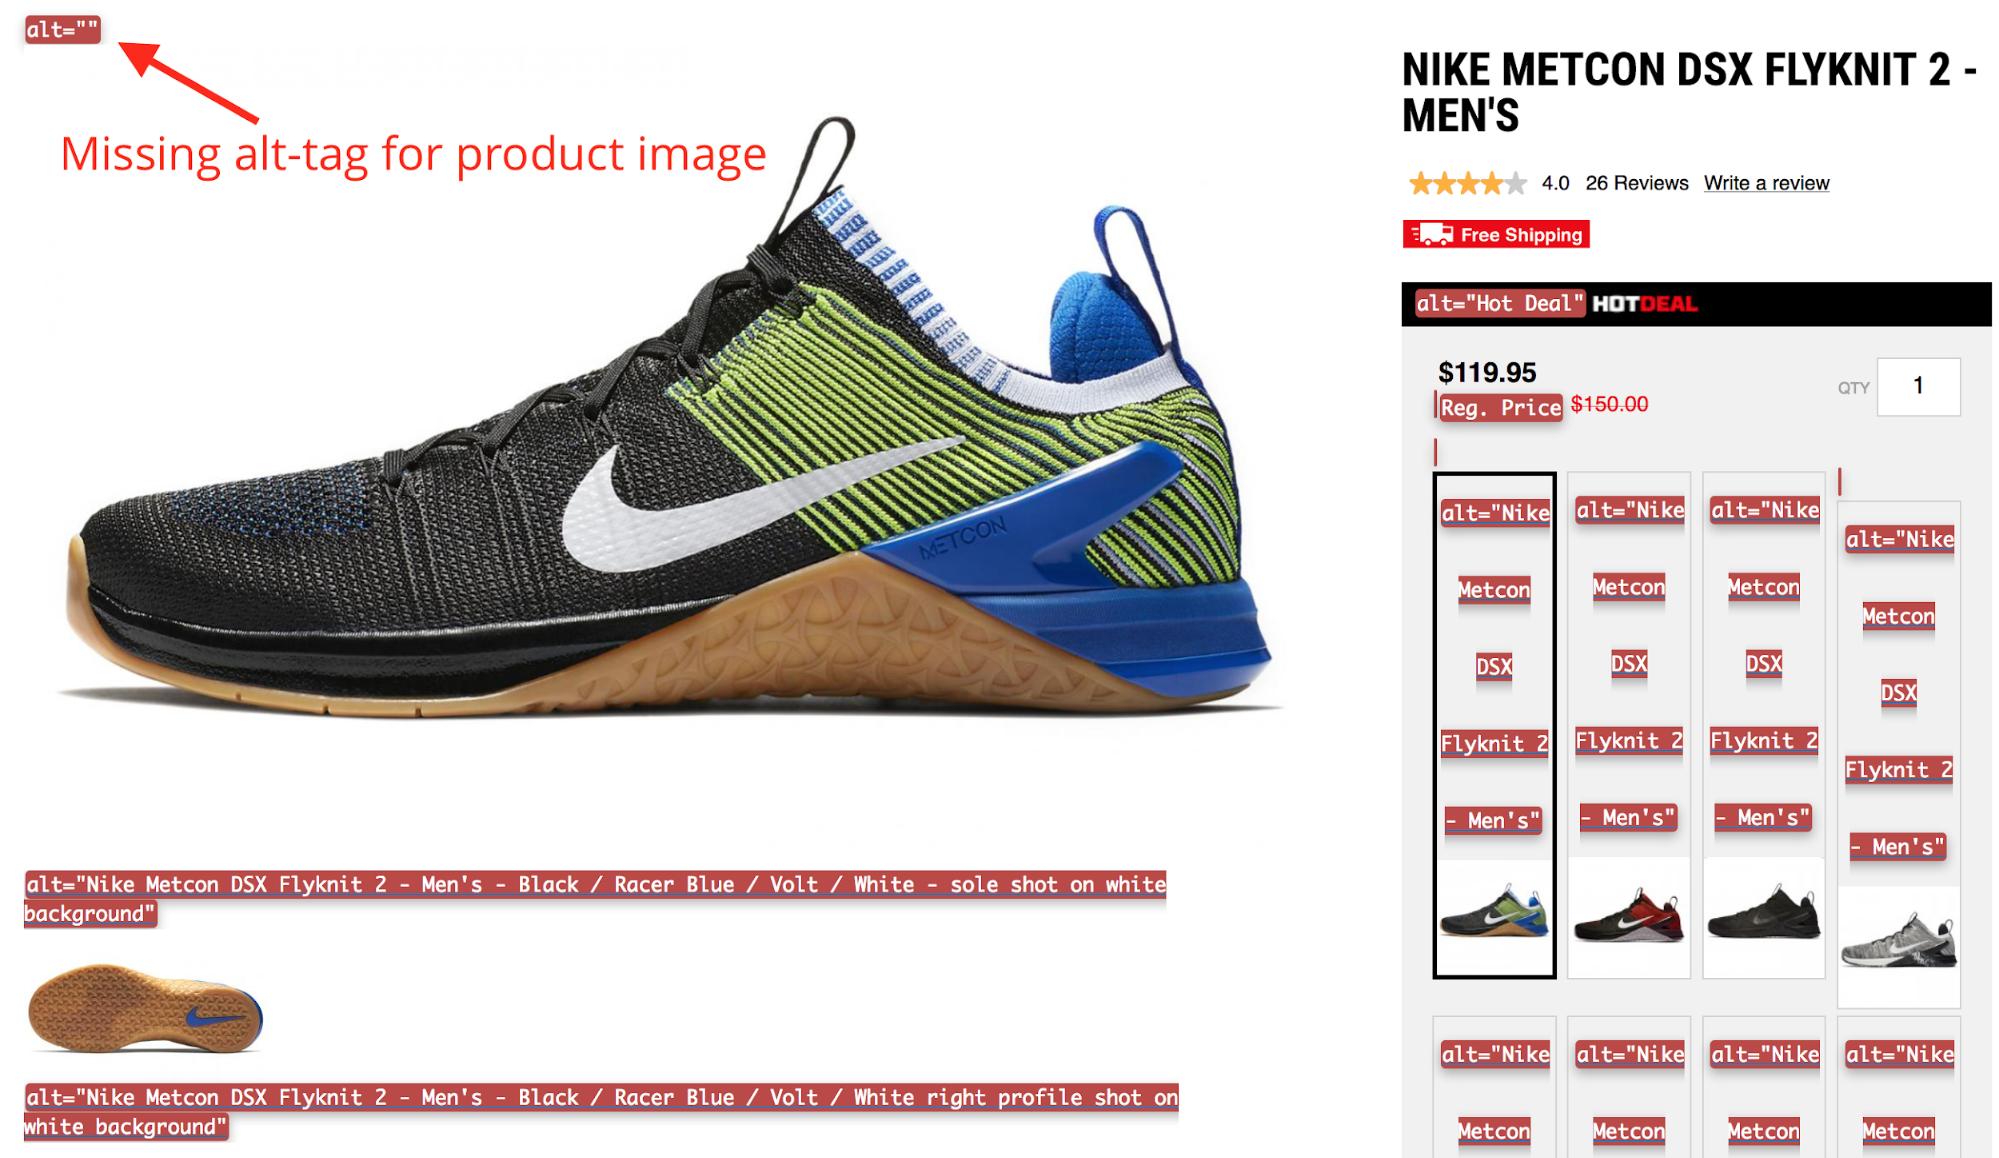 Screenshot showing shoe product page